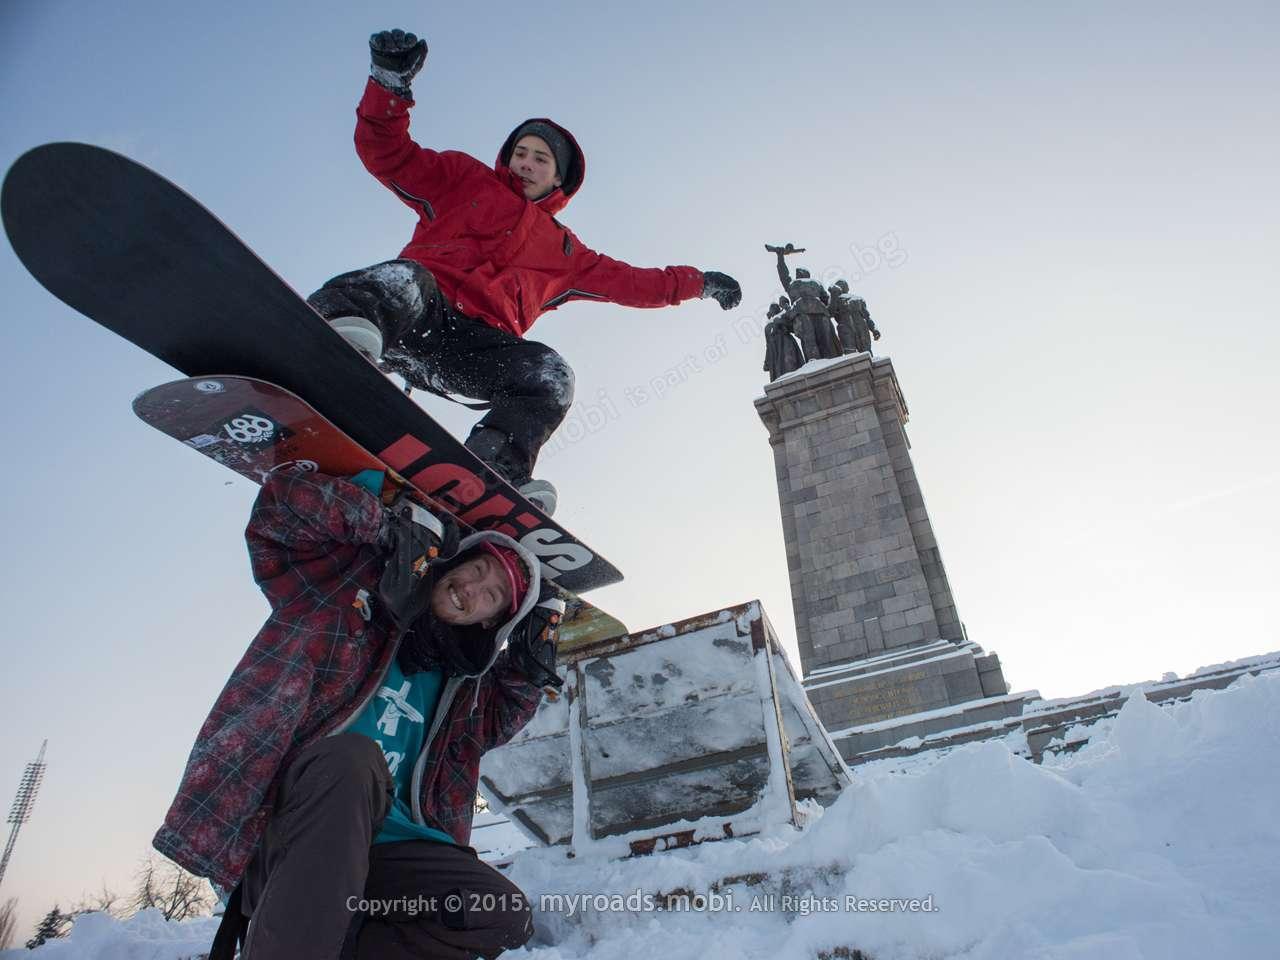 На сноуборд в центъра на София! + фотогалерия